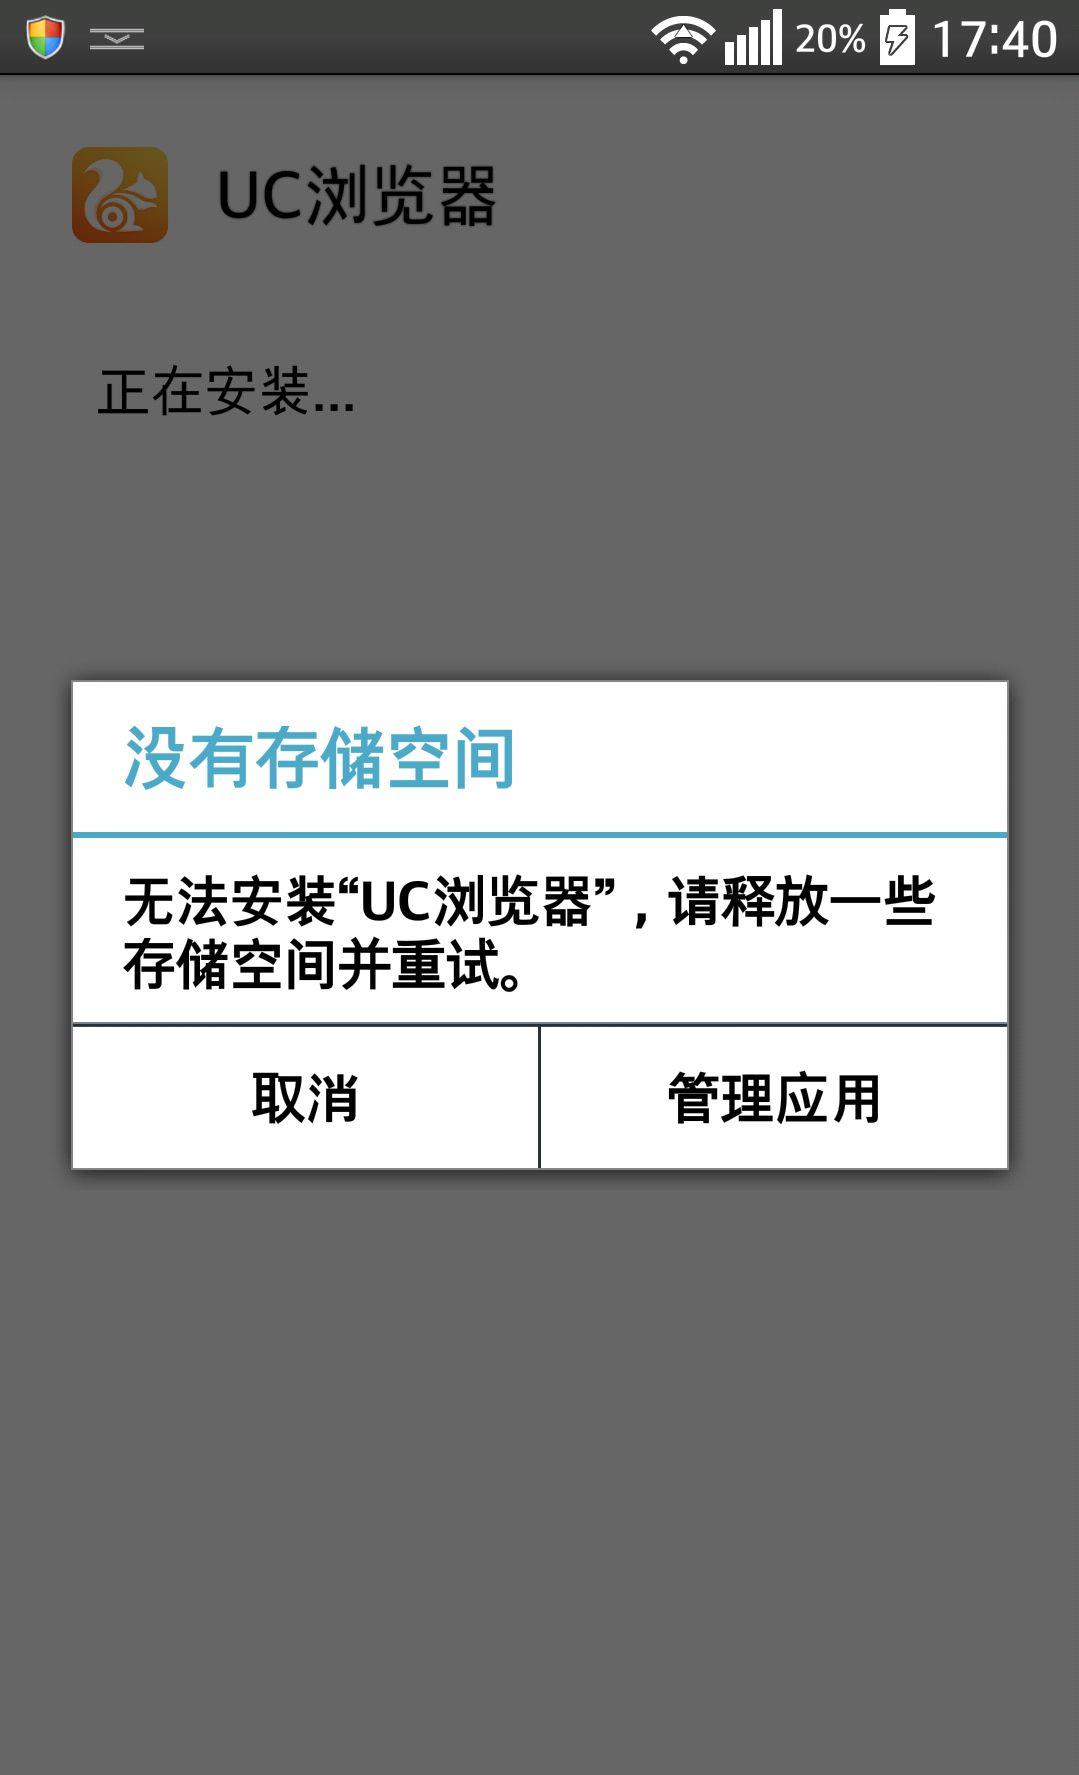 华为手机内存不足怎么办?上海华为教你如何清理手机内存